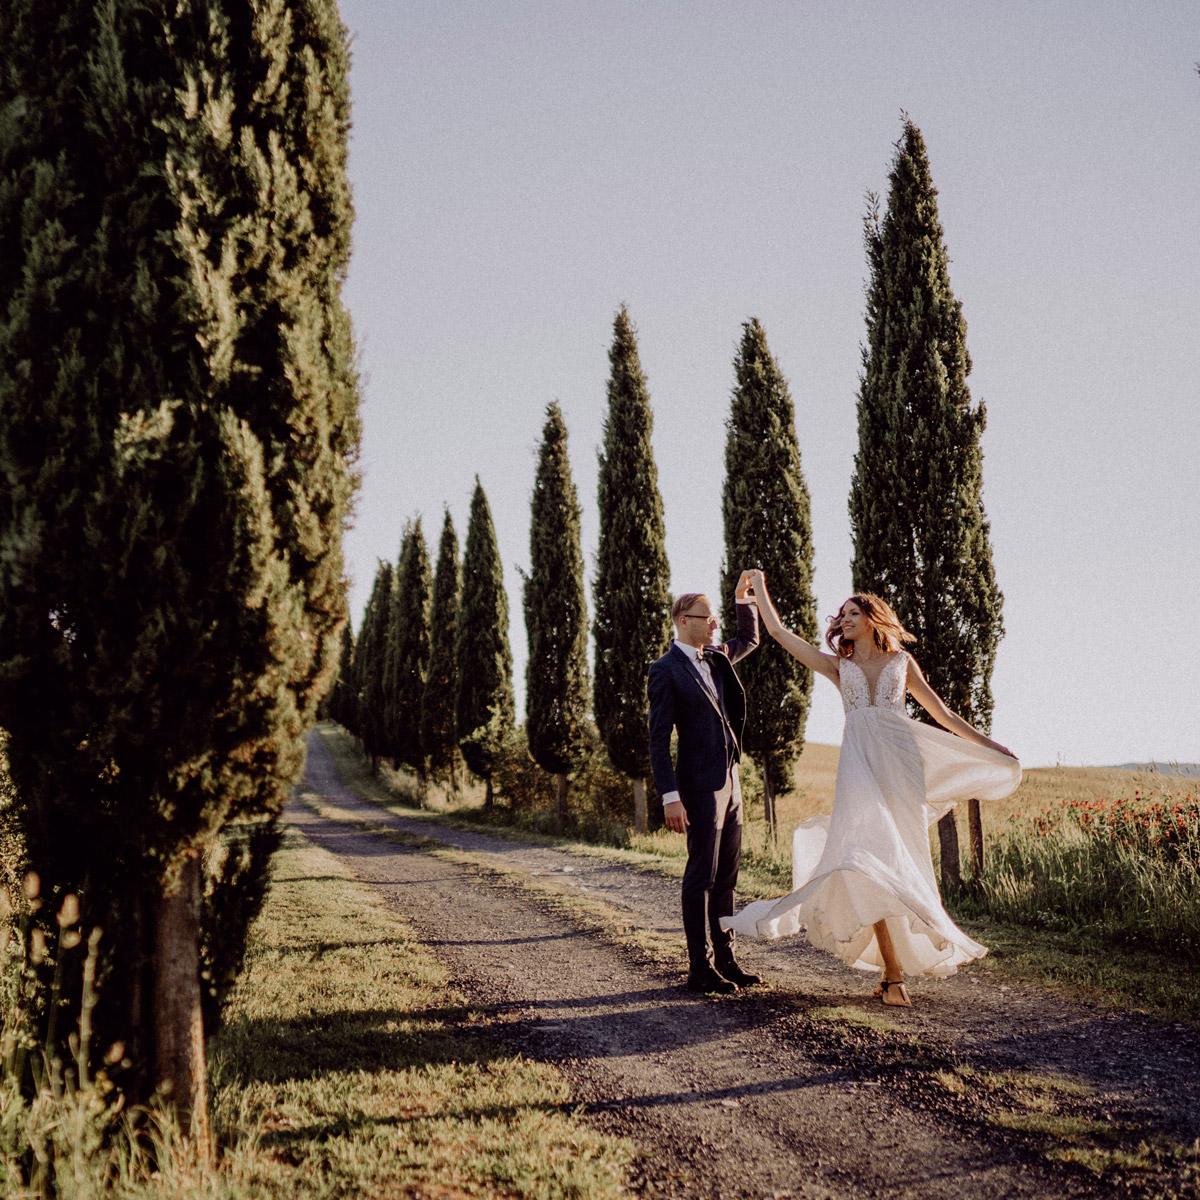 Italien Destination-Hochzeit mit Hochzeitplanerin aus Berlin #hochzeitslicht Toskana Hochzeitsfotos und Hochzeitsfilm © www.hochzeitslicht.de Brautpaarshooting Ideen tanzendes Hochzeitspaar auf Zypressen Weg #brautpaarshooting #hochzeit